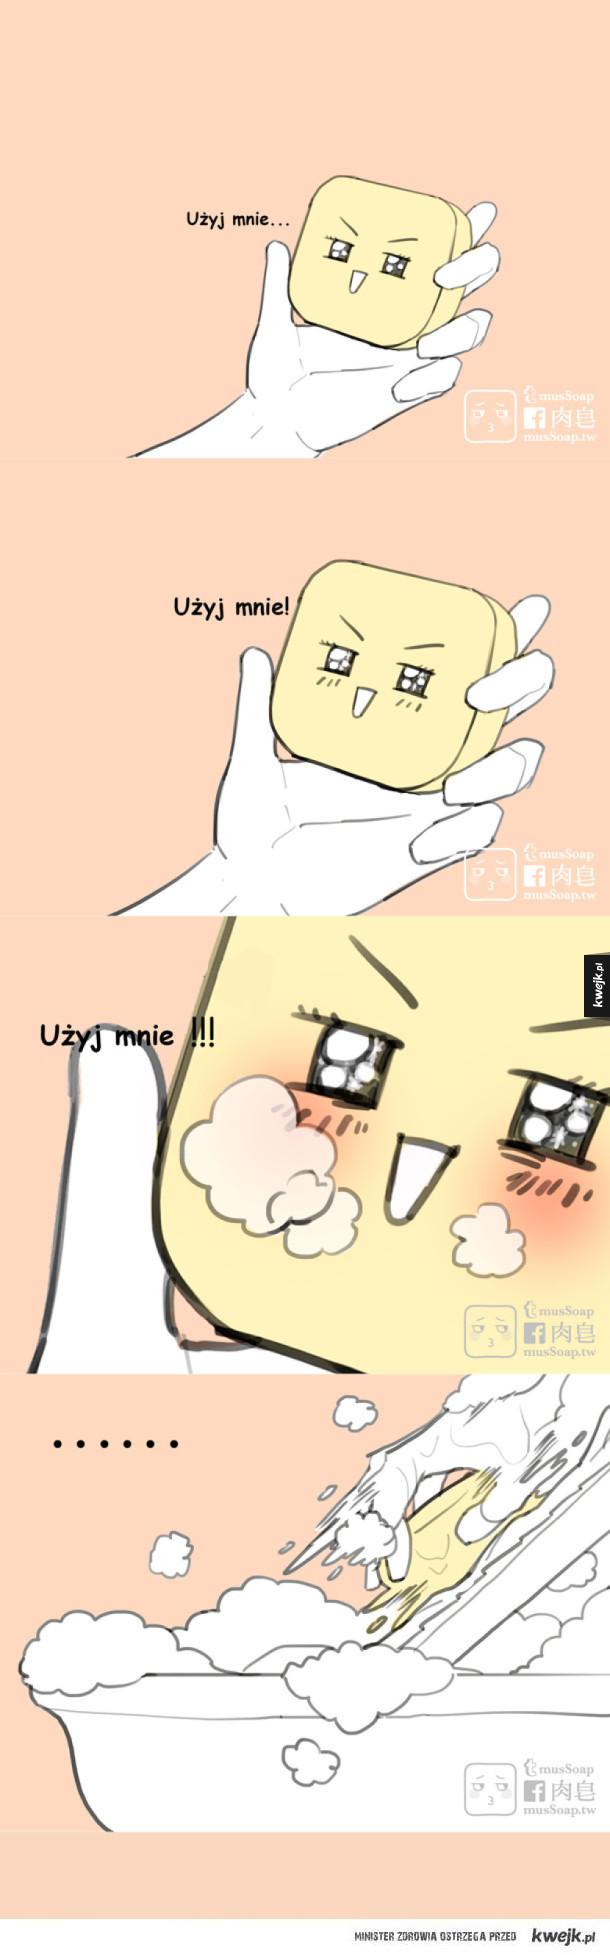 Użyj mnie !!!